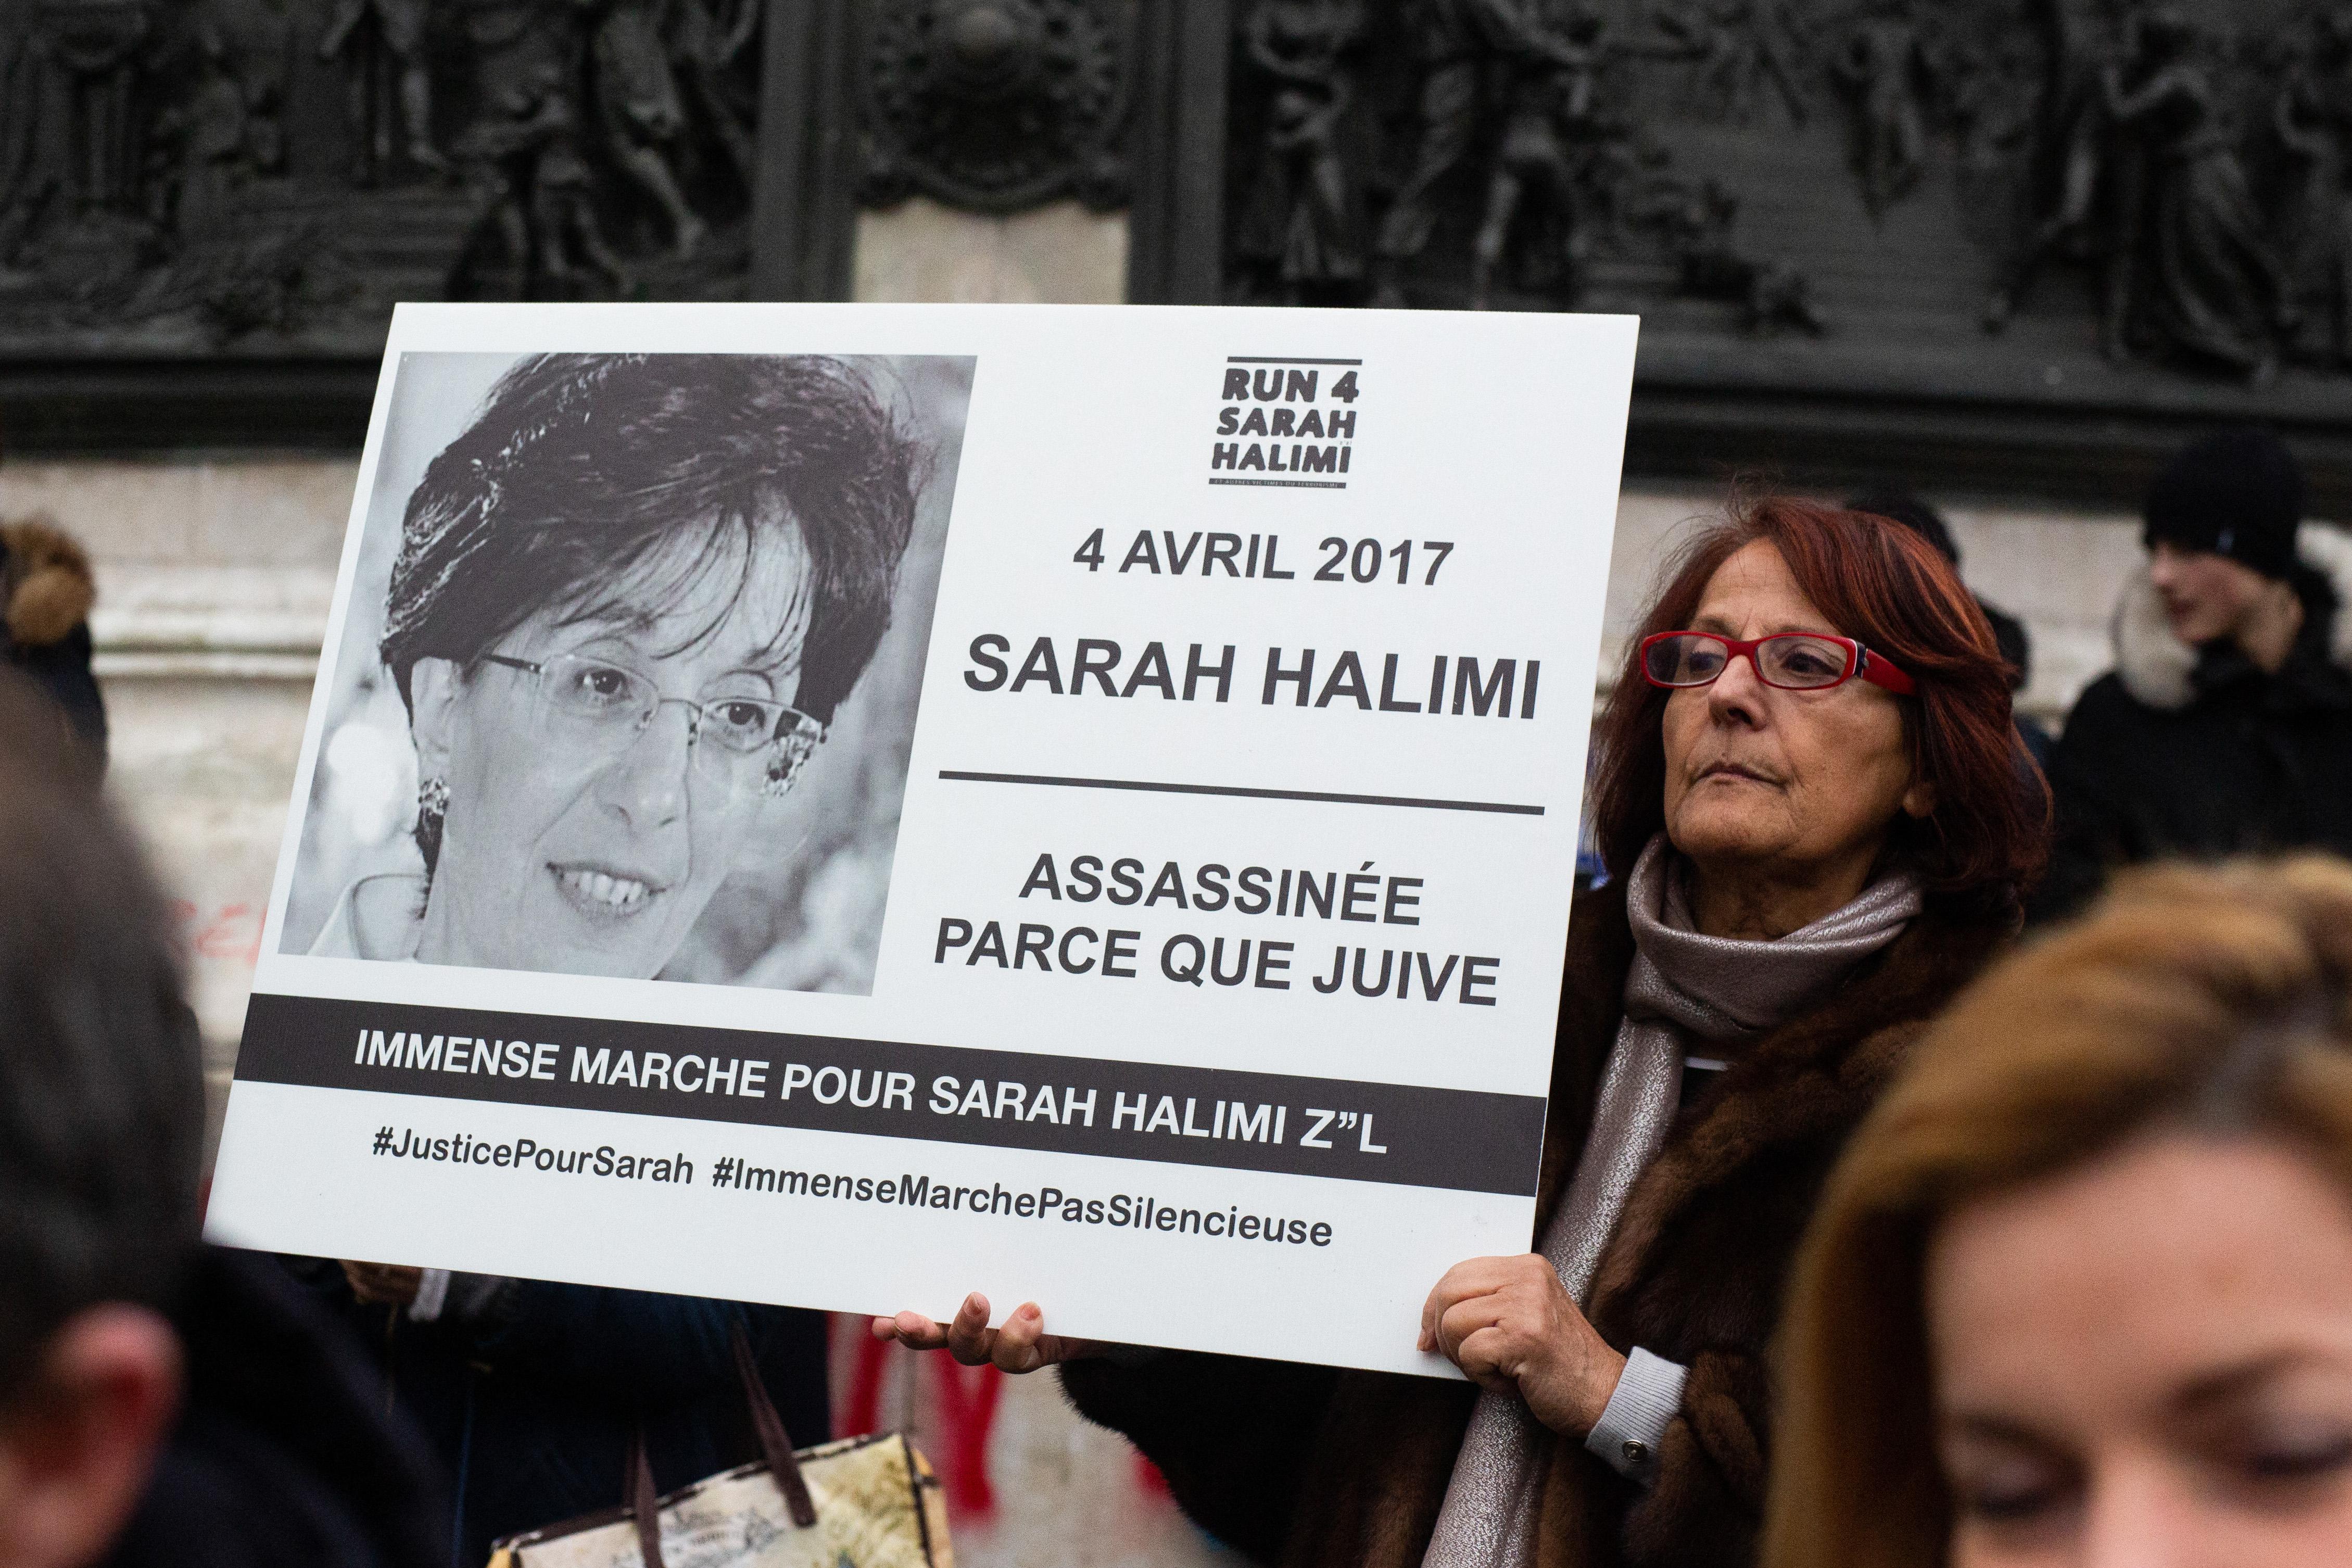 Macron szerint nincs rendben, hogy egy gyilkos azért ússza meg a büntetést, mert kábítószer hatása alatt volt